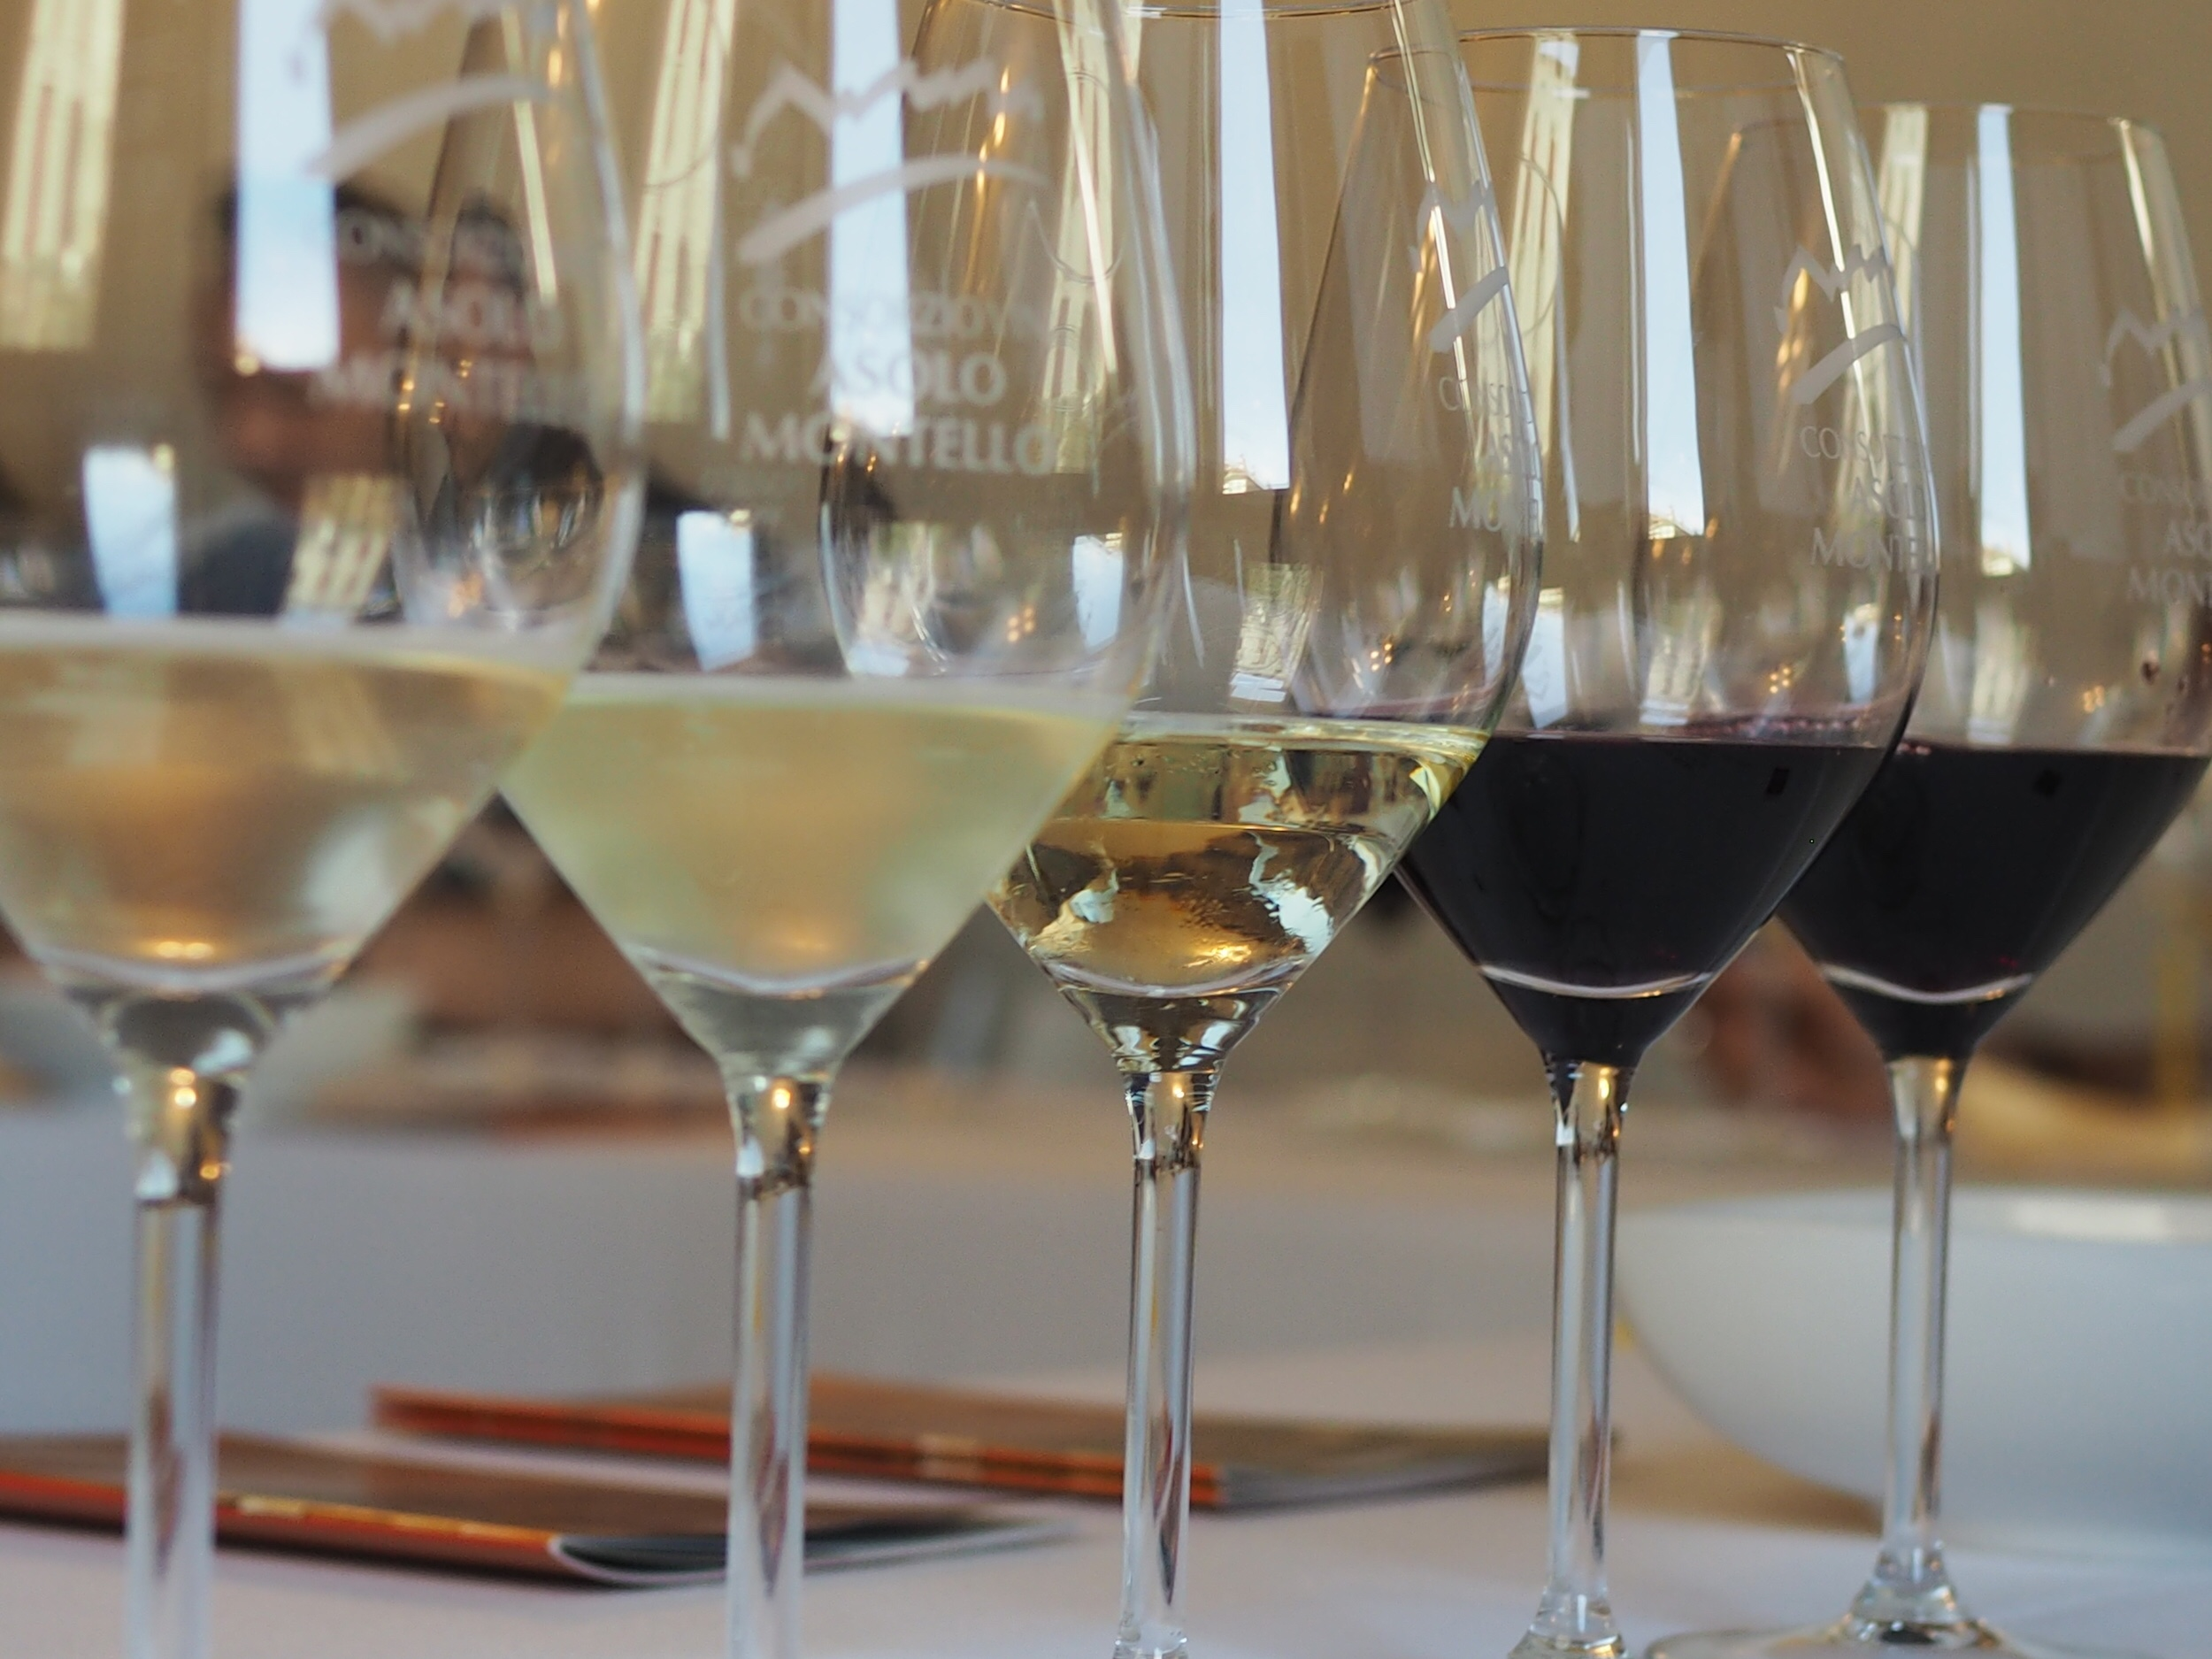 Consorzio vini asolo montello Treviso Vino Prosecco veneto magazine Treviso Vino magazine gaia rebecchi cosa fare in veneto cosa fare a Treviso